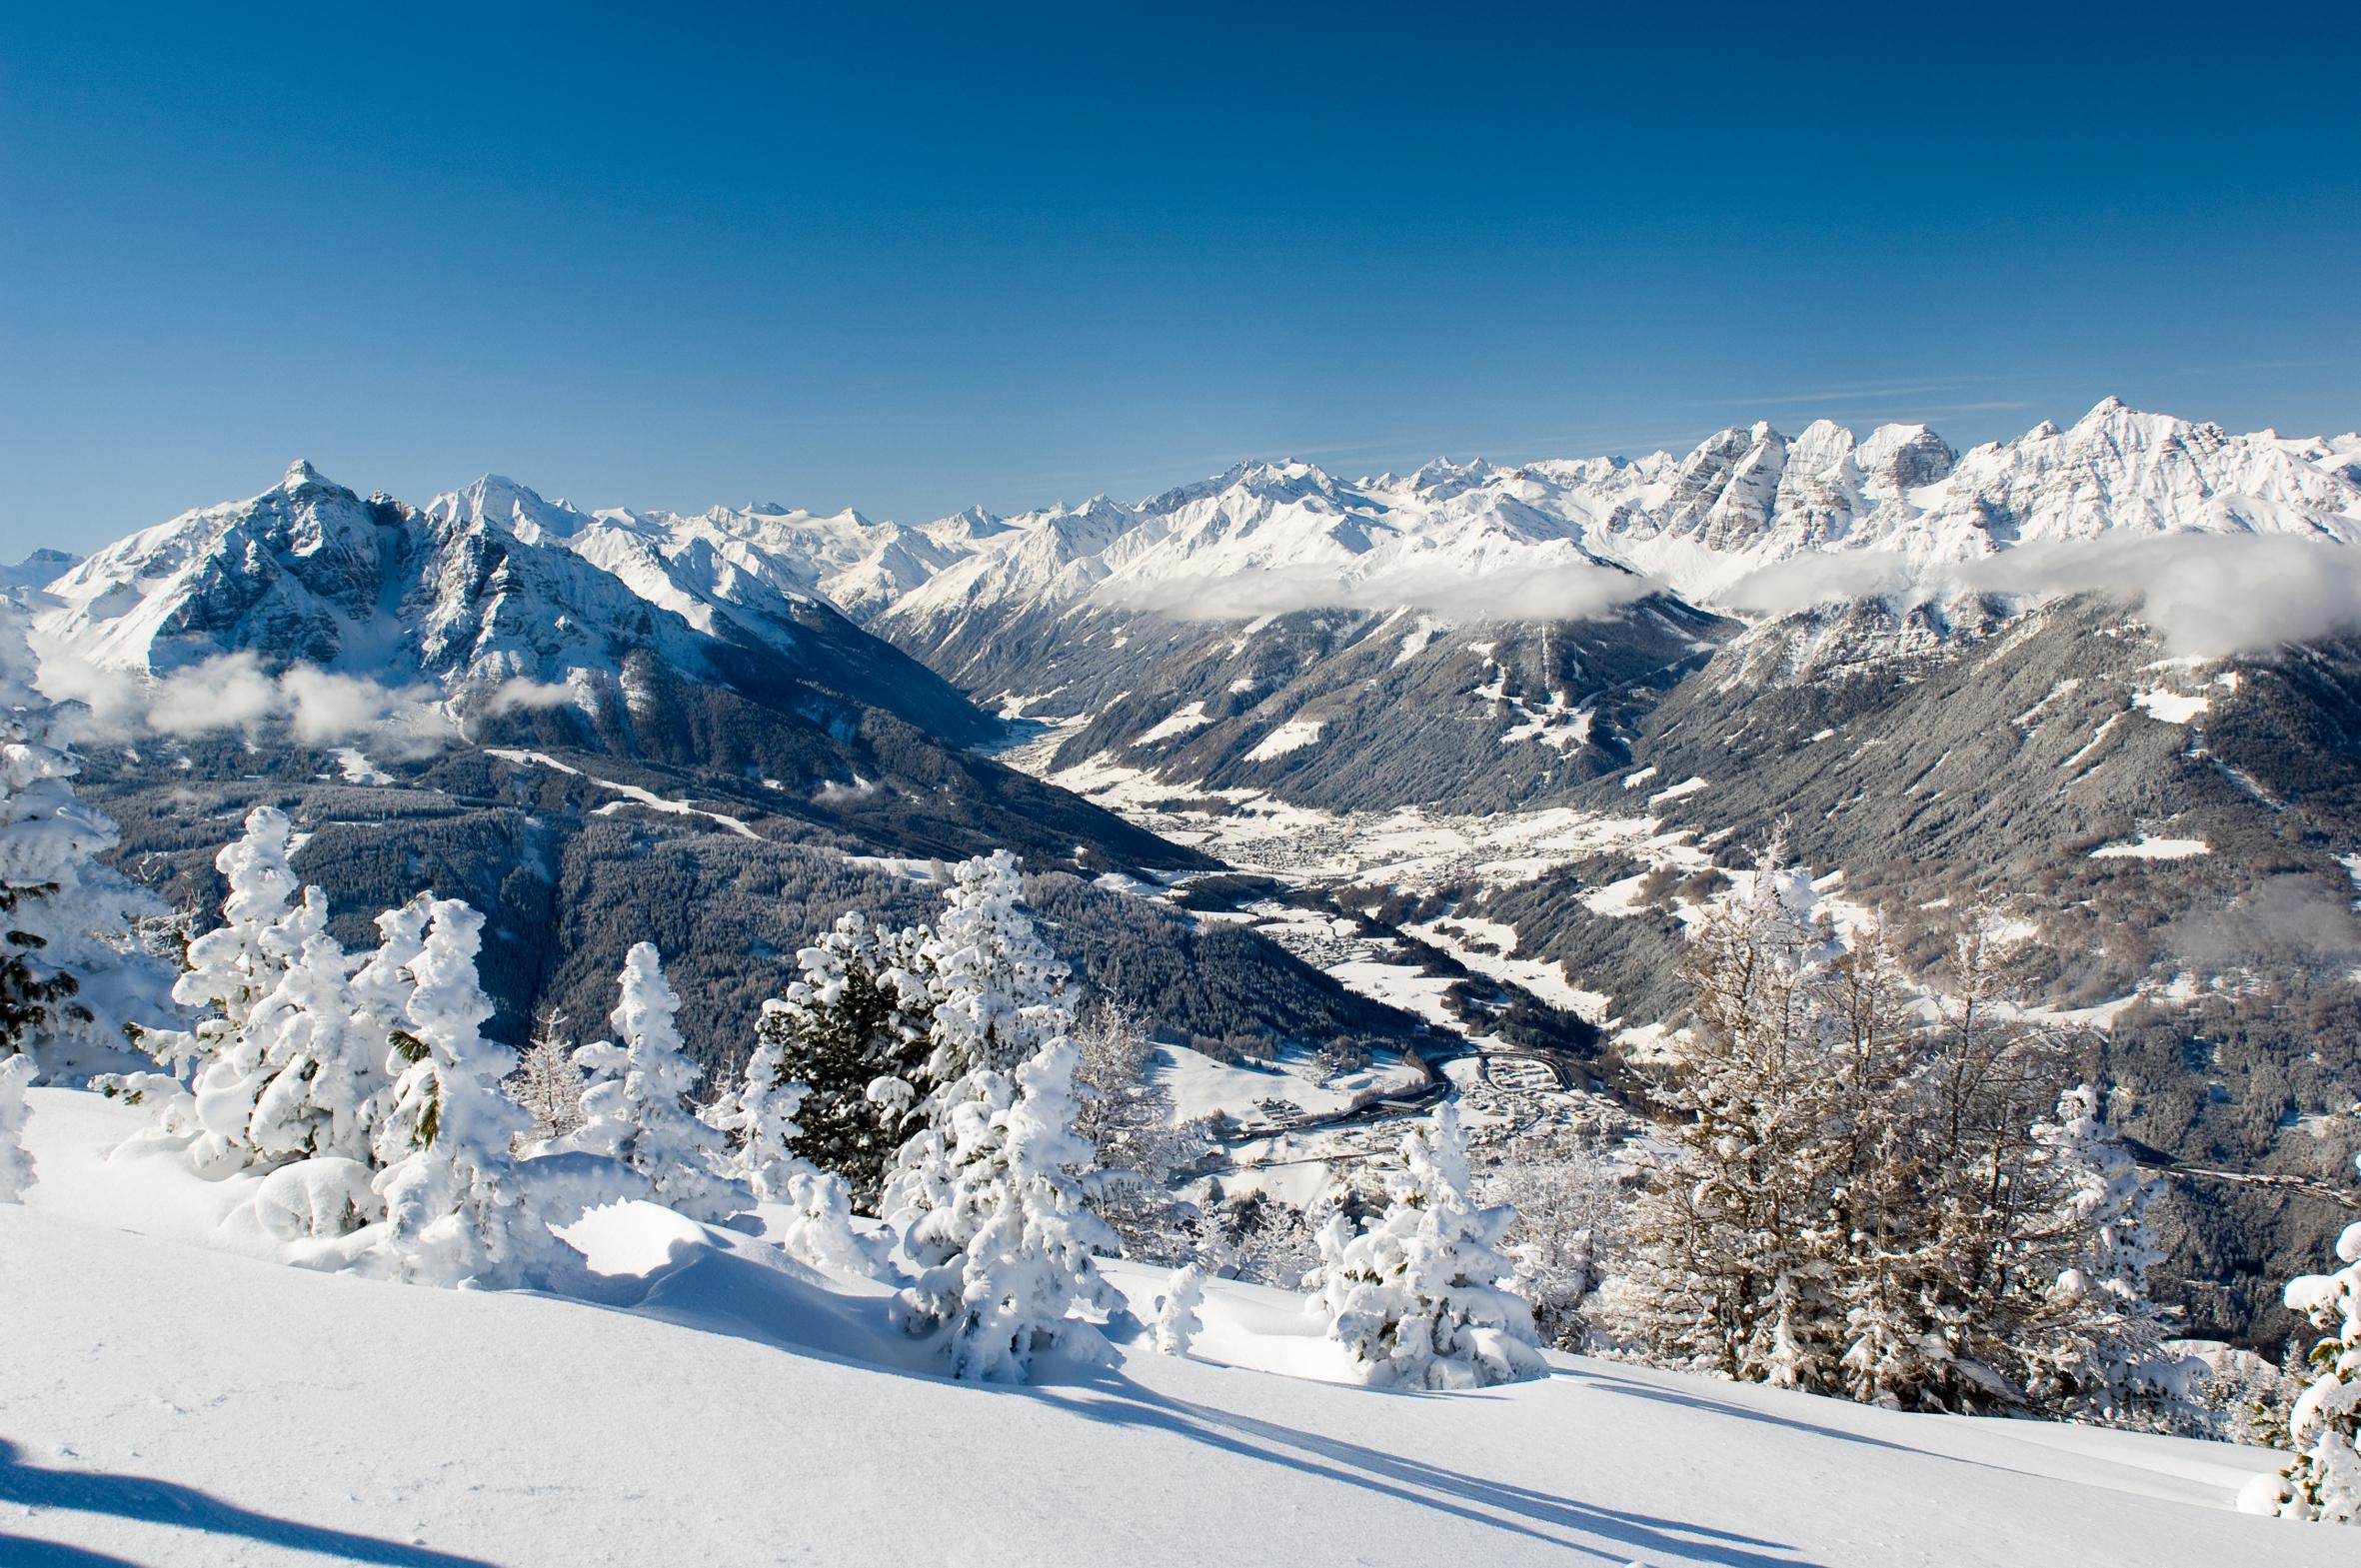 Winter im Stubaital, Winterzeit um Stubaital, Winter-Urlaub im Stubaital